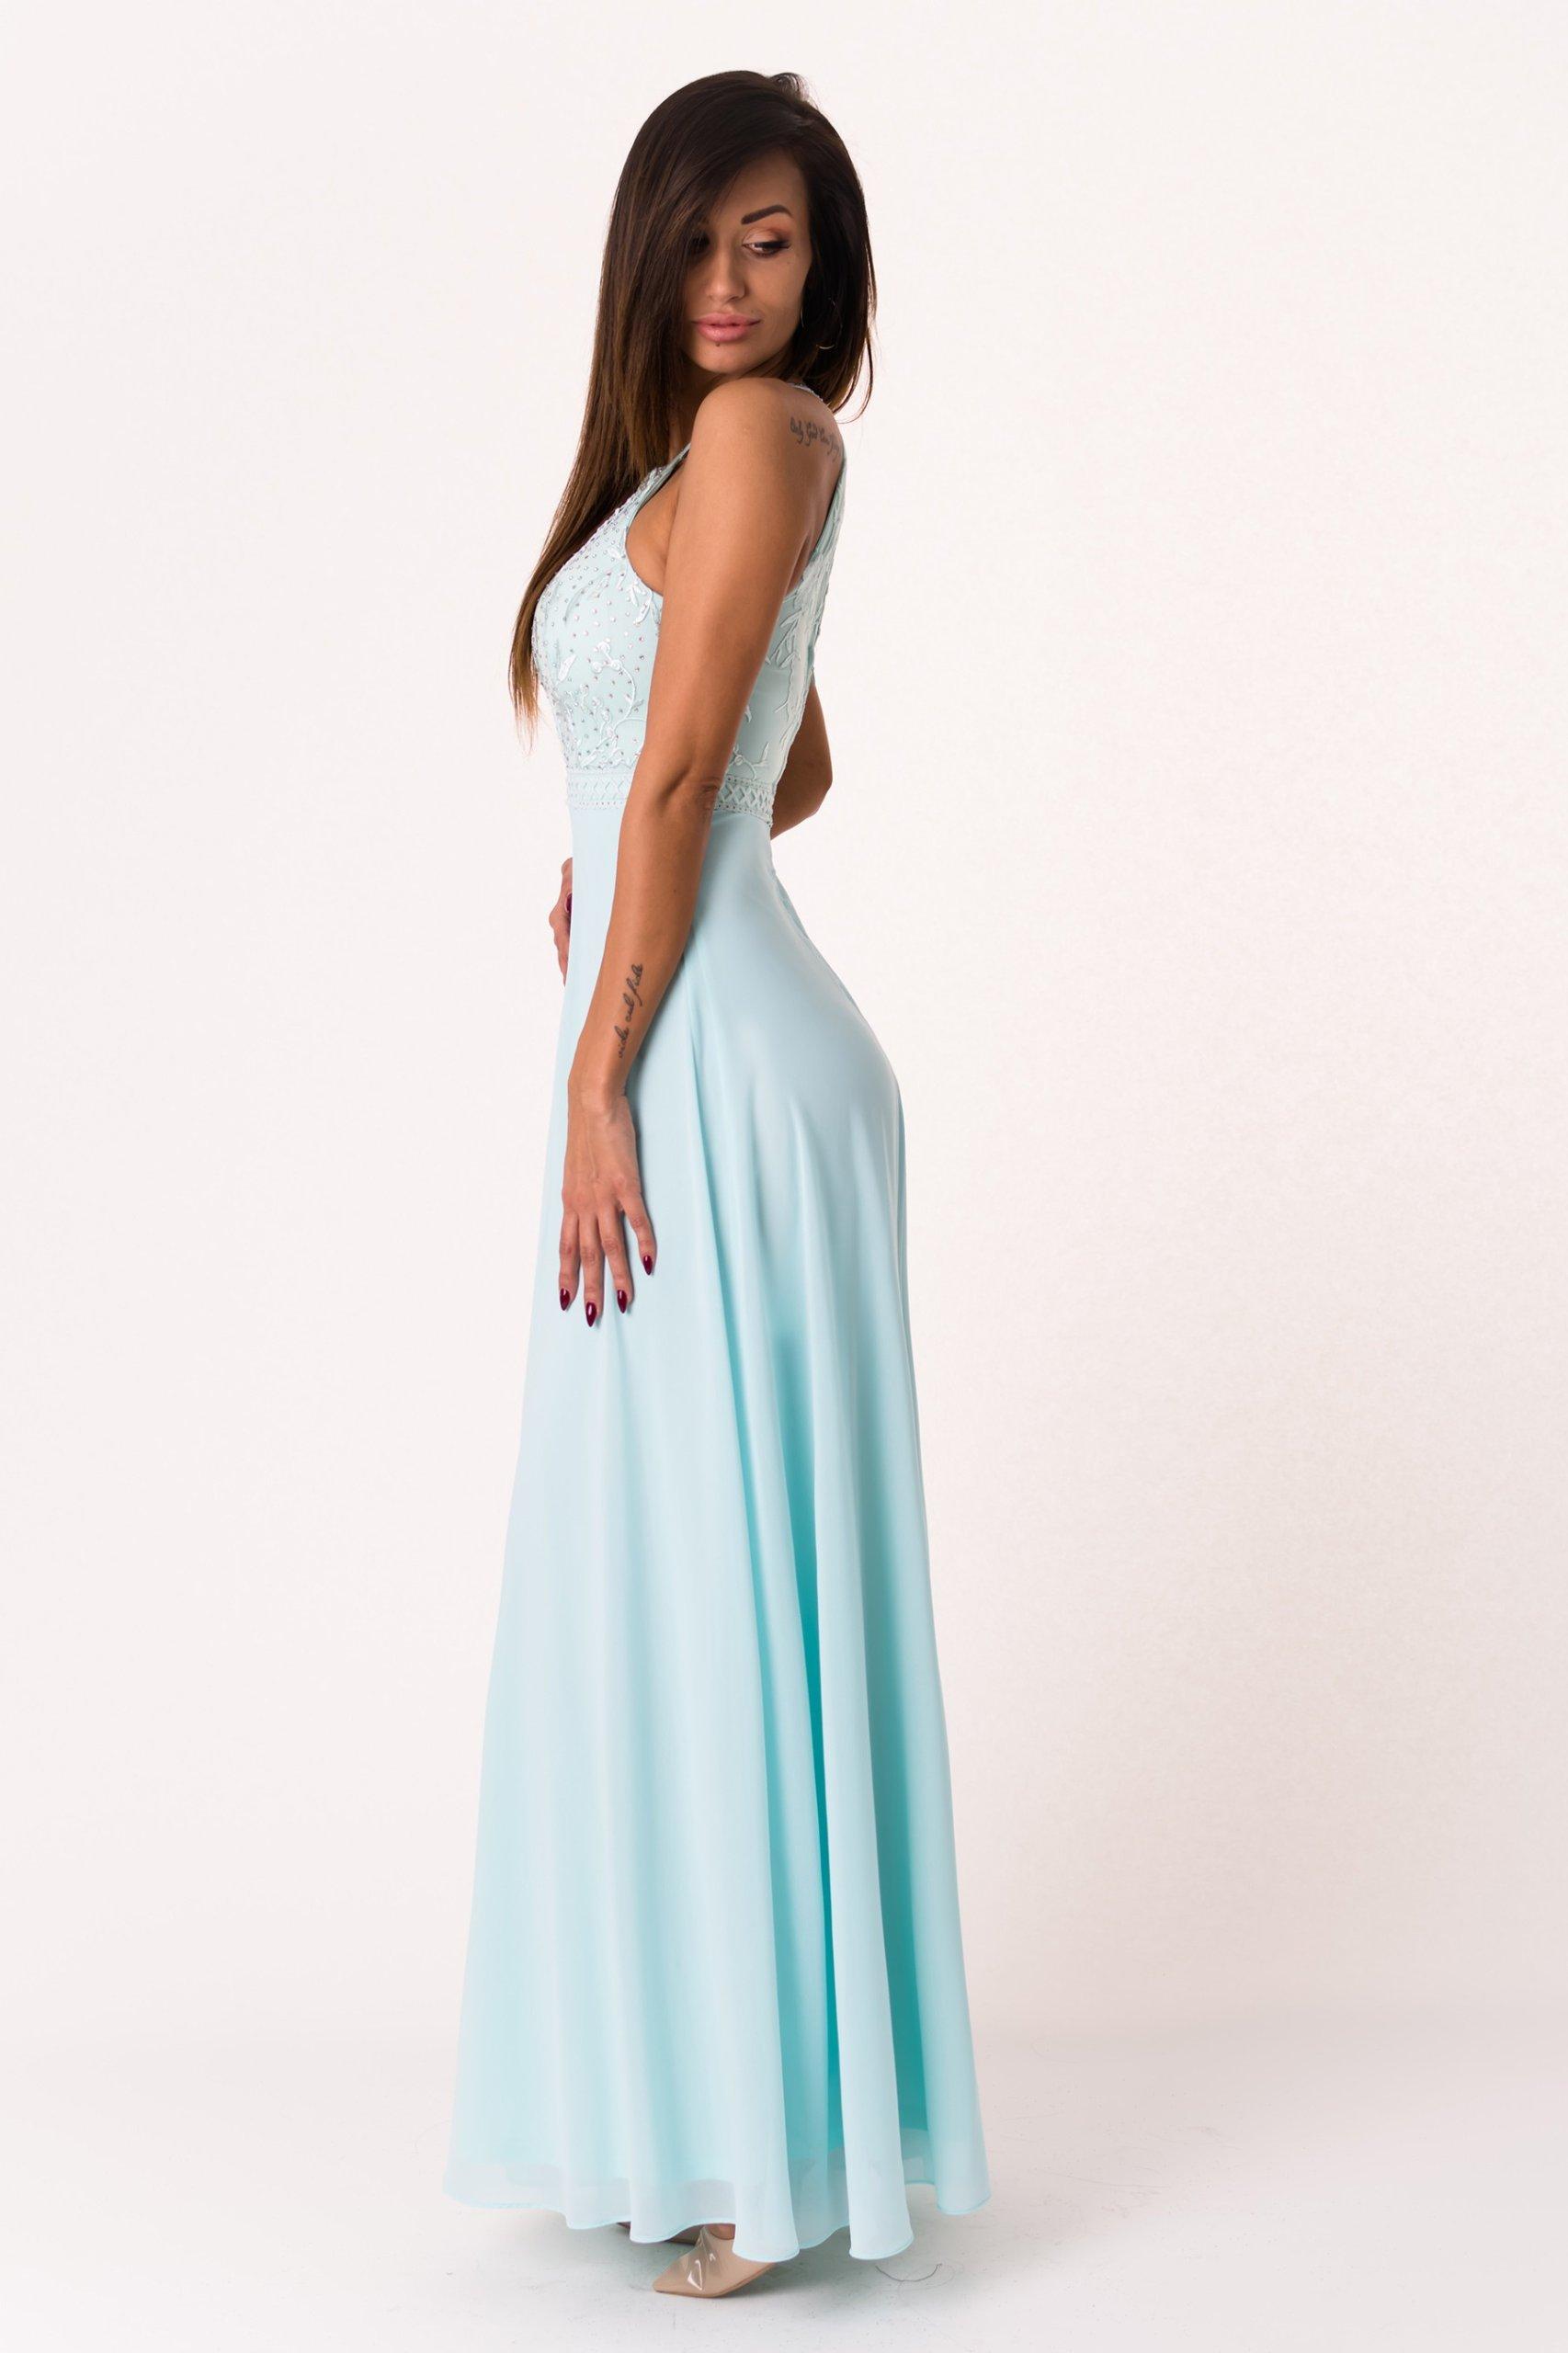 60fcdcbc41 Długa suknia z cyrkoniami - błękitna S - 7200906589 - oficjalne ...